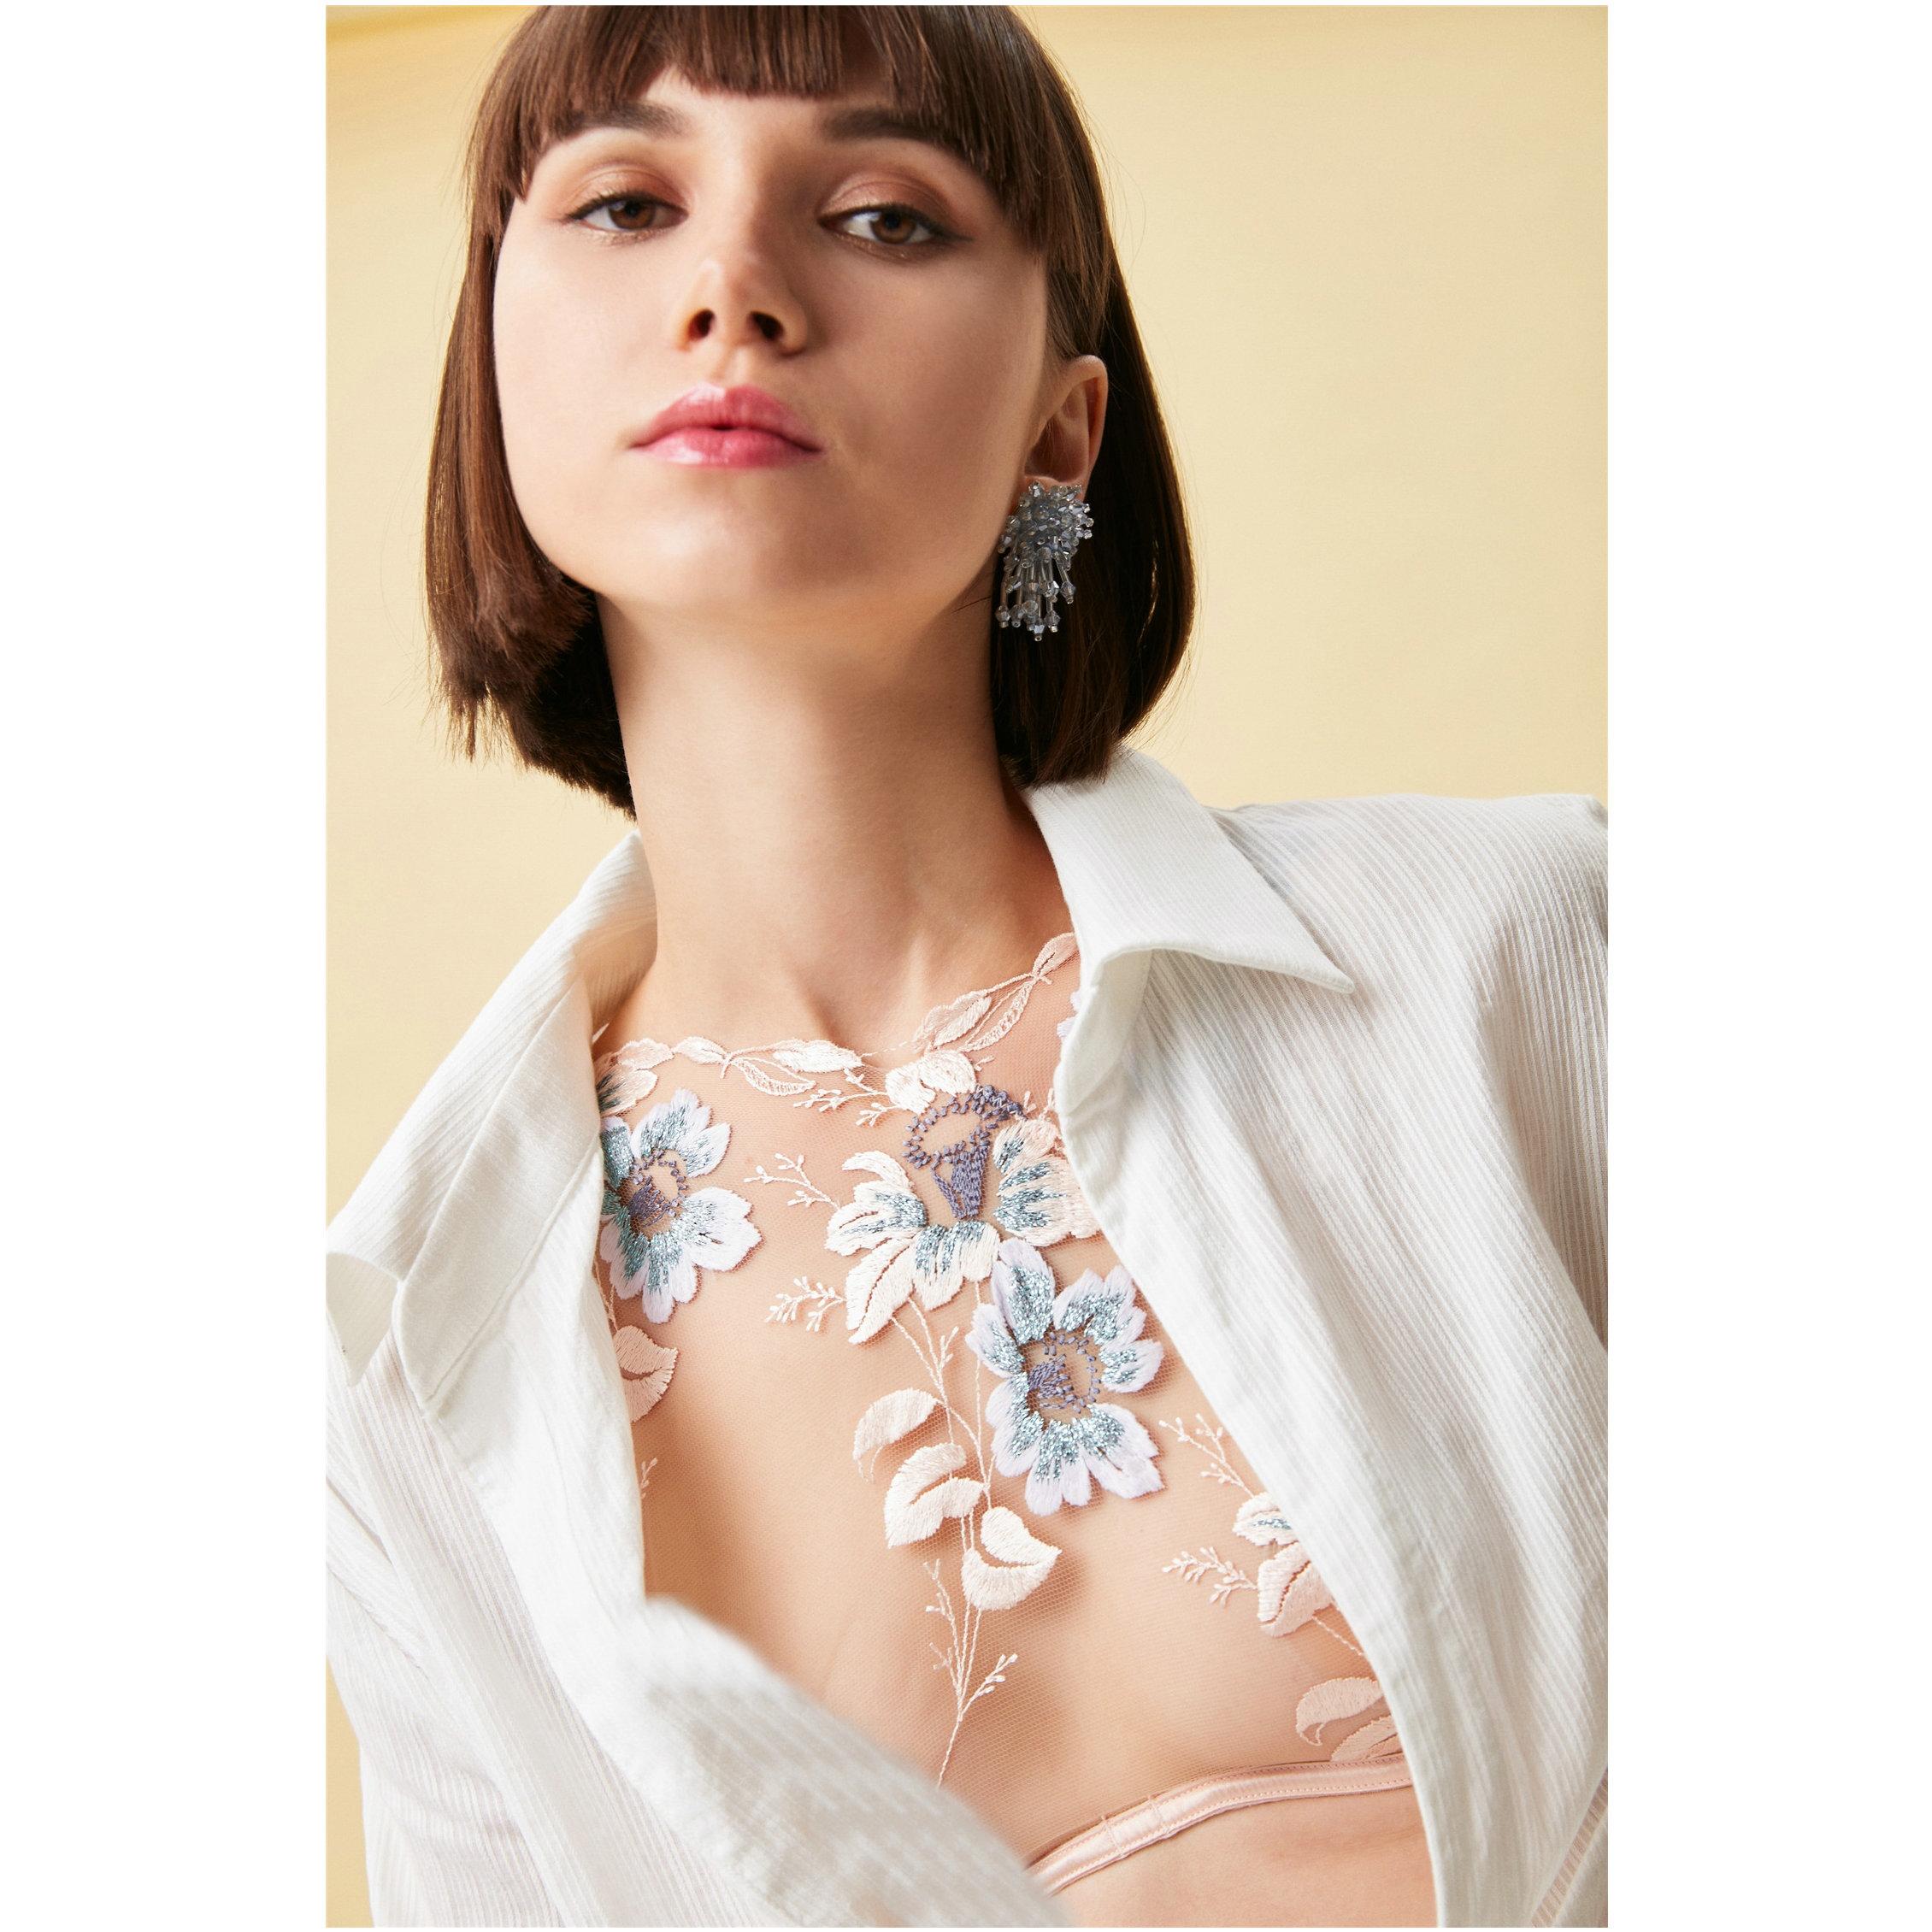 Femmes crochet fleur brodé dentelle réservoir O cou Camis femme gaze mince sans manches chemise réservoir Sexy arrière-plans